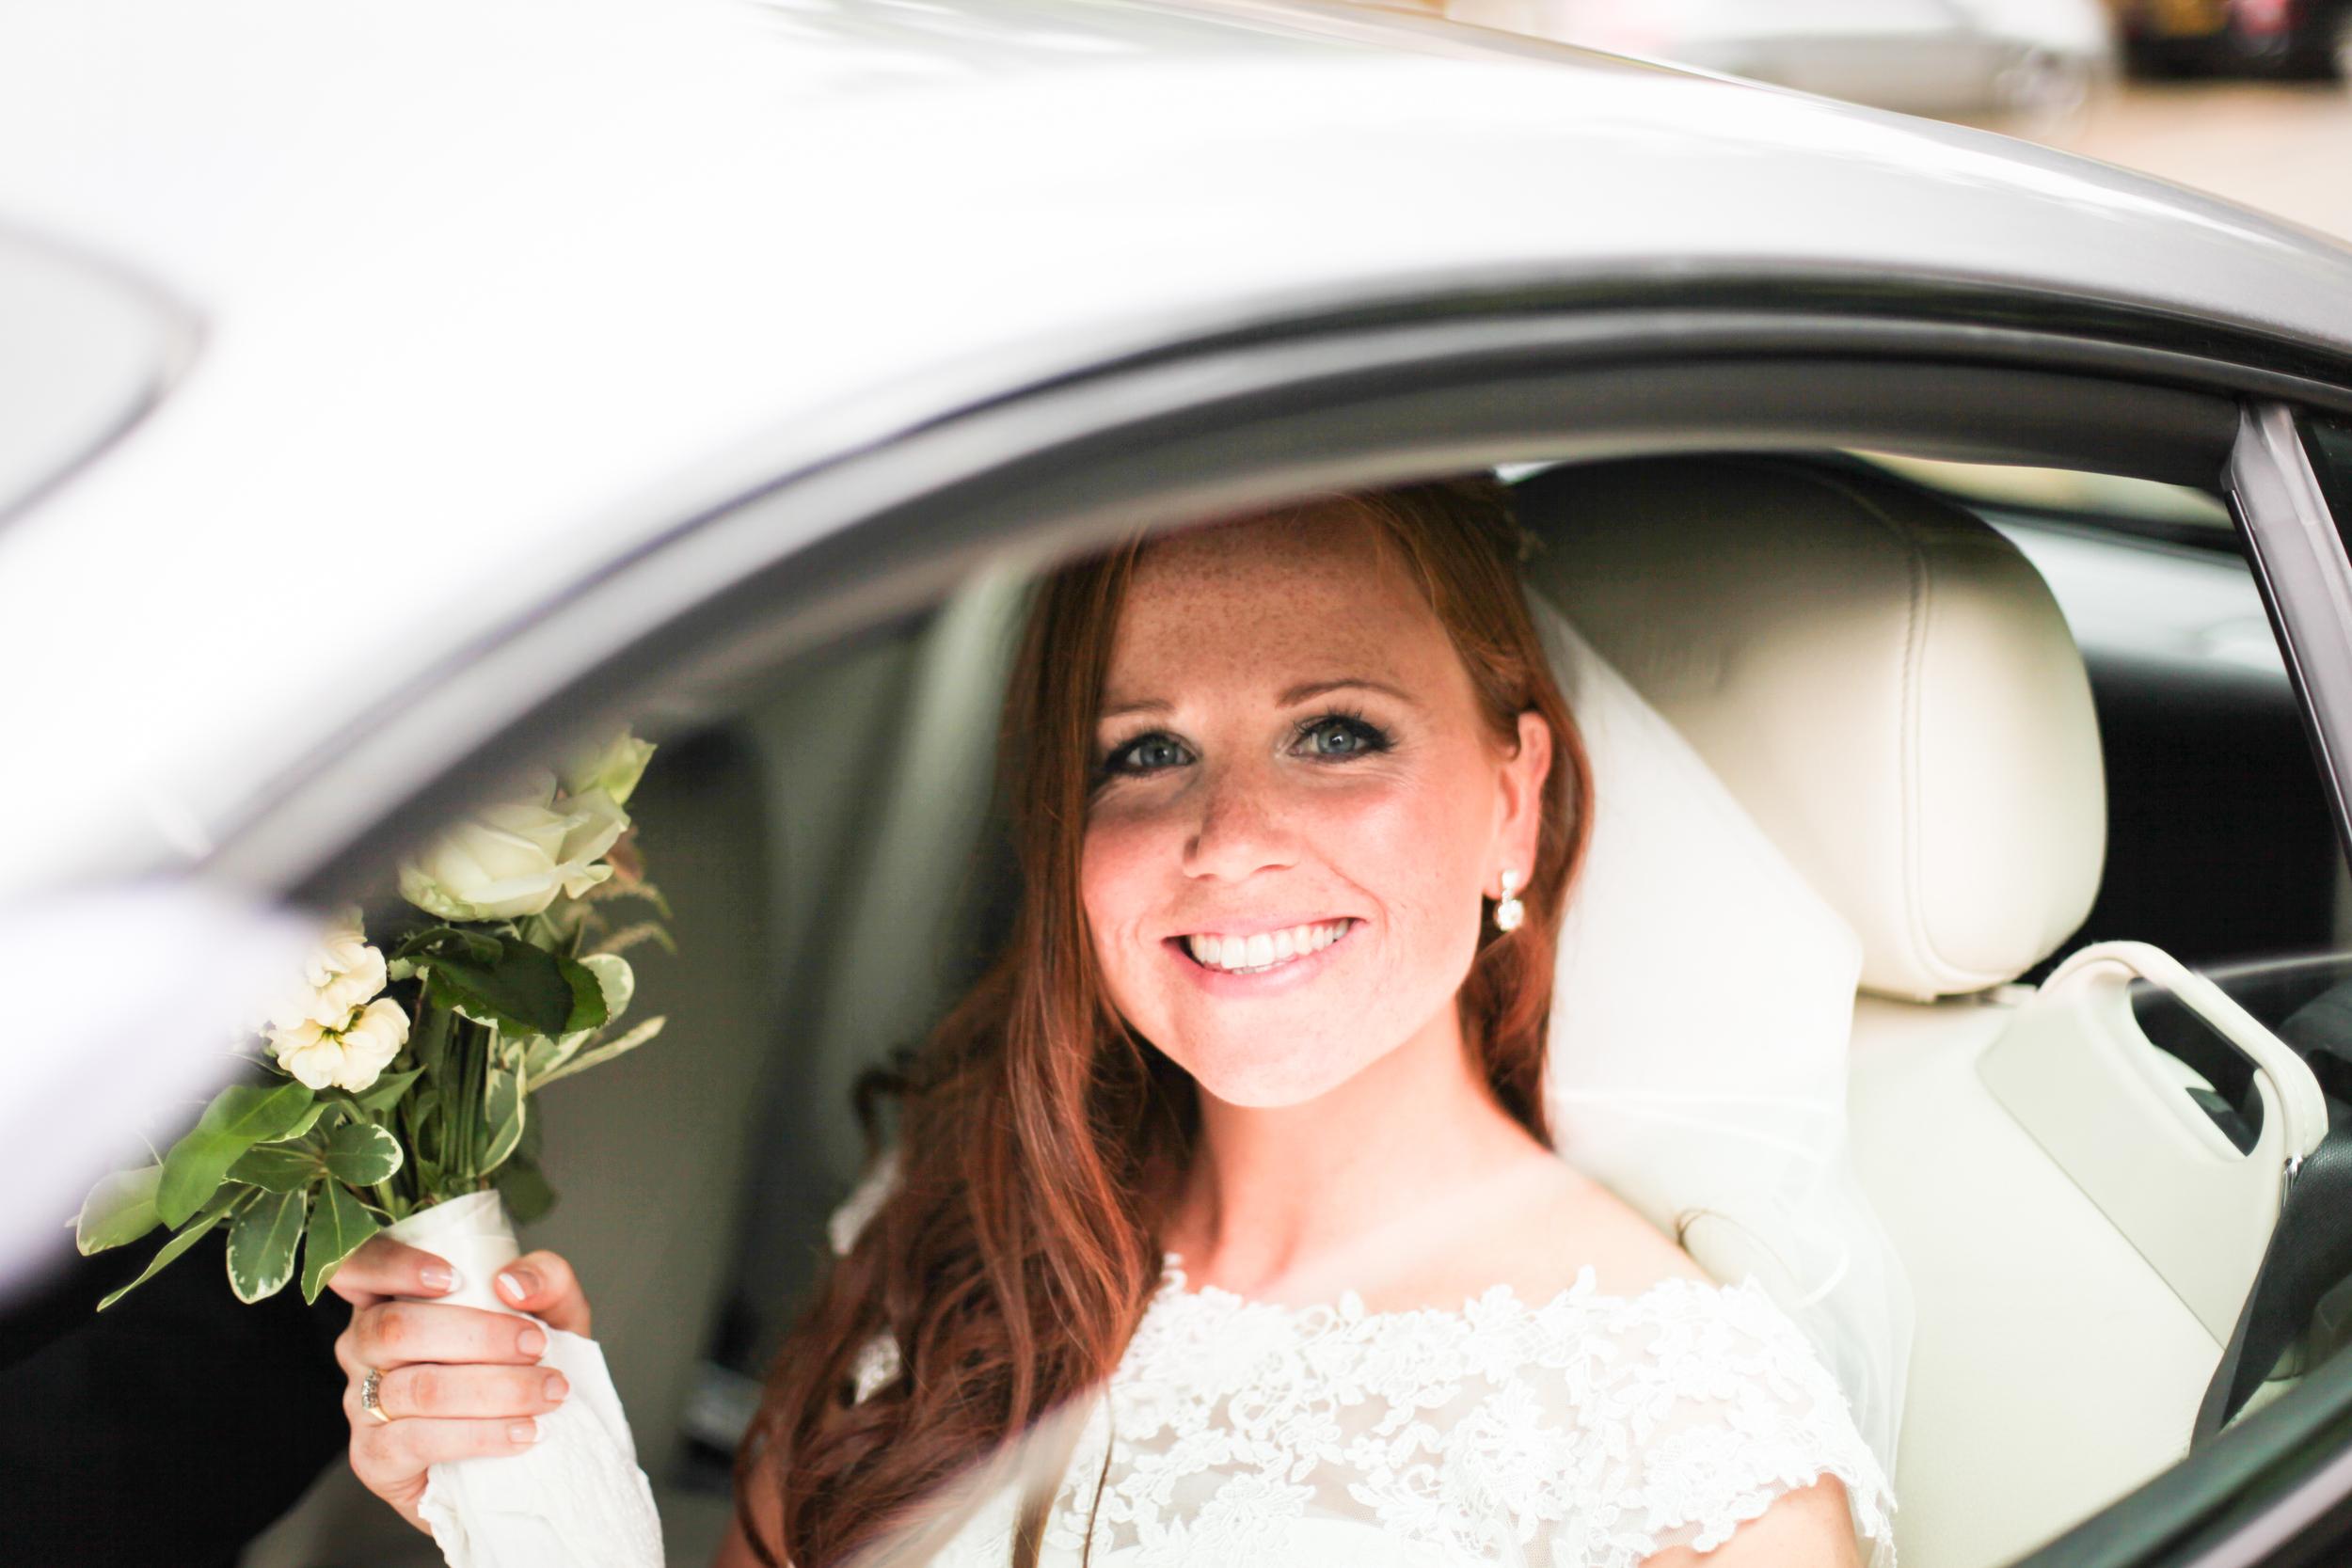 Amy - Bride (July 2014)